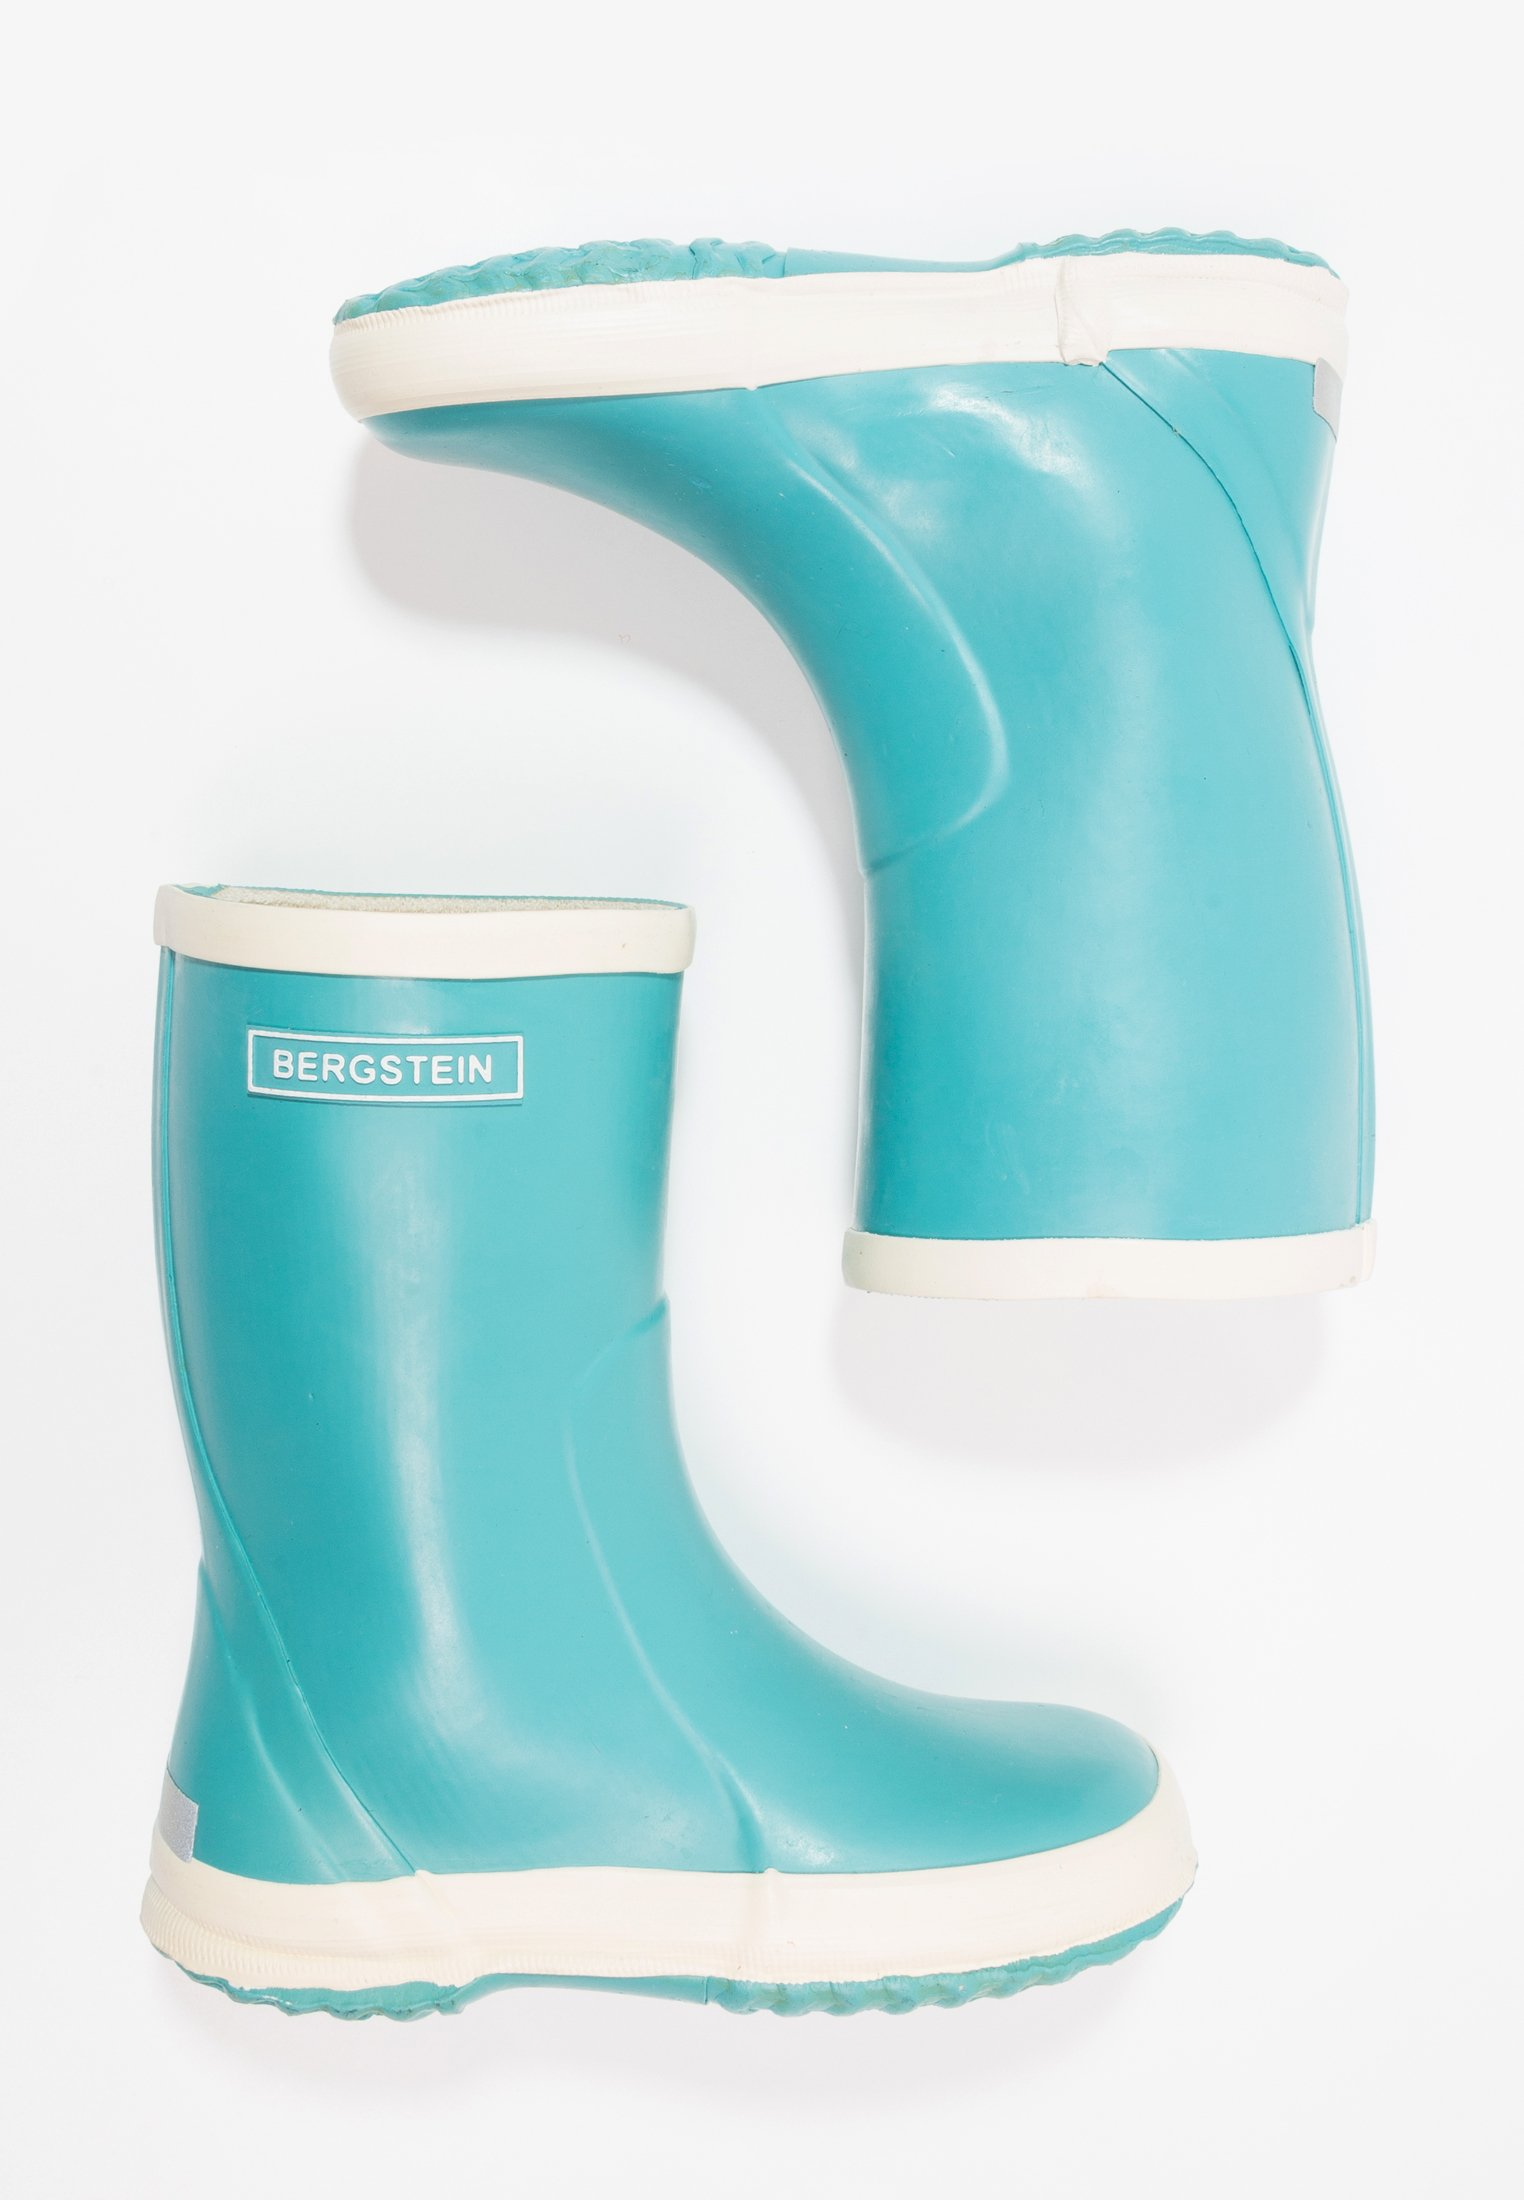 Aqua Laarzen kopen | BESLIST.nl | Laagste prijs